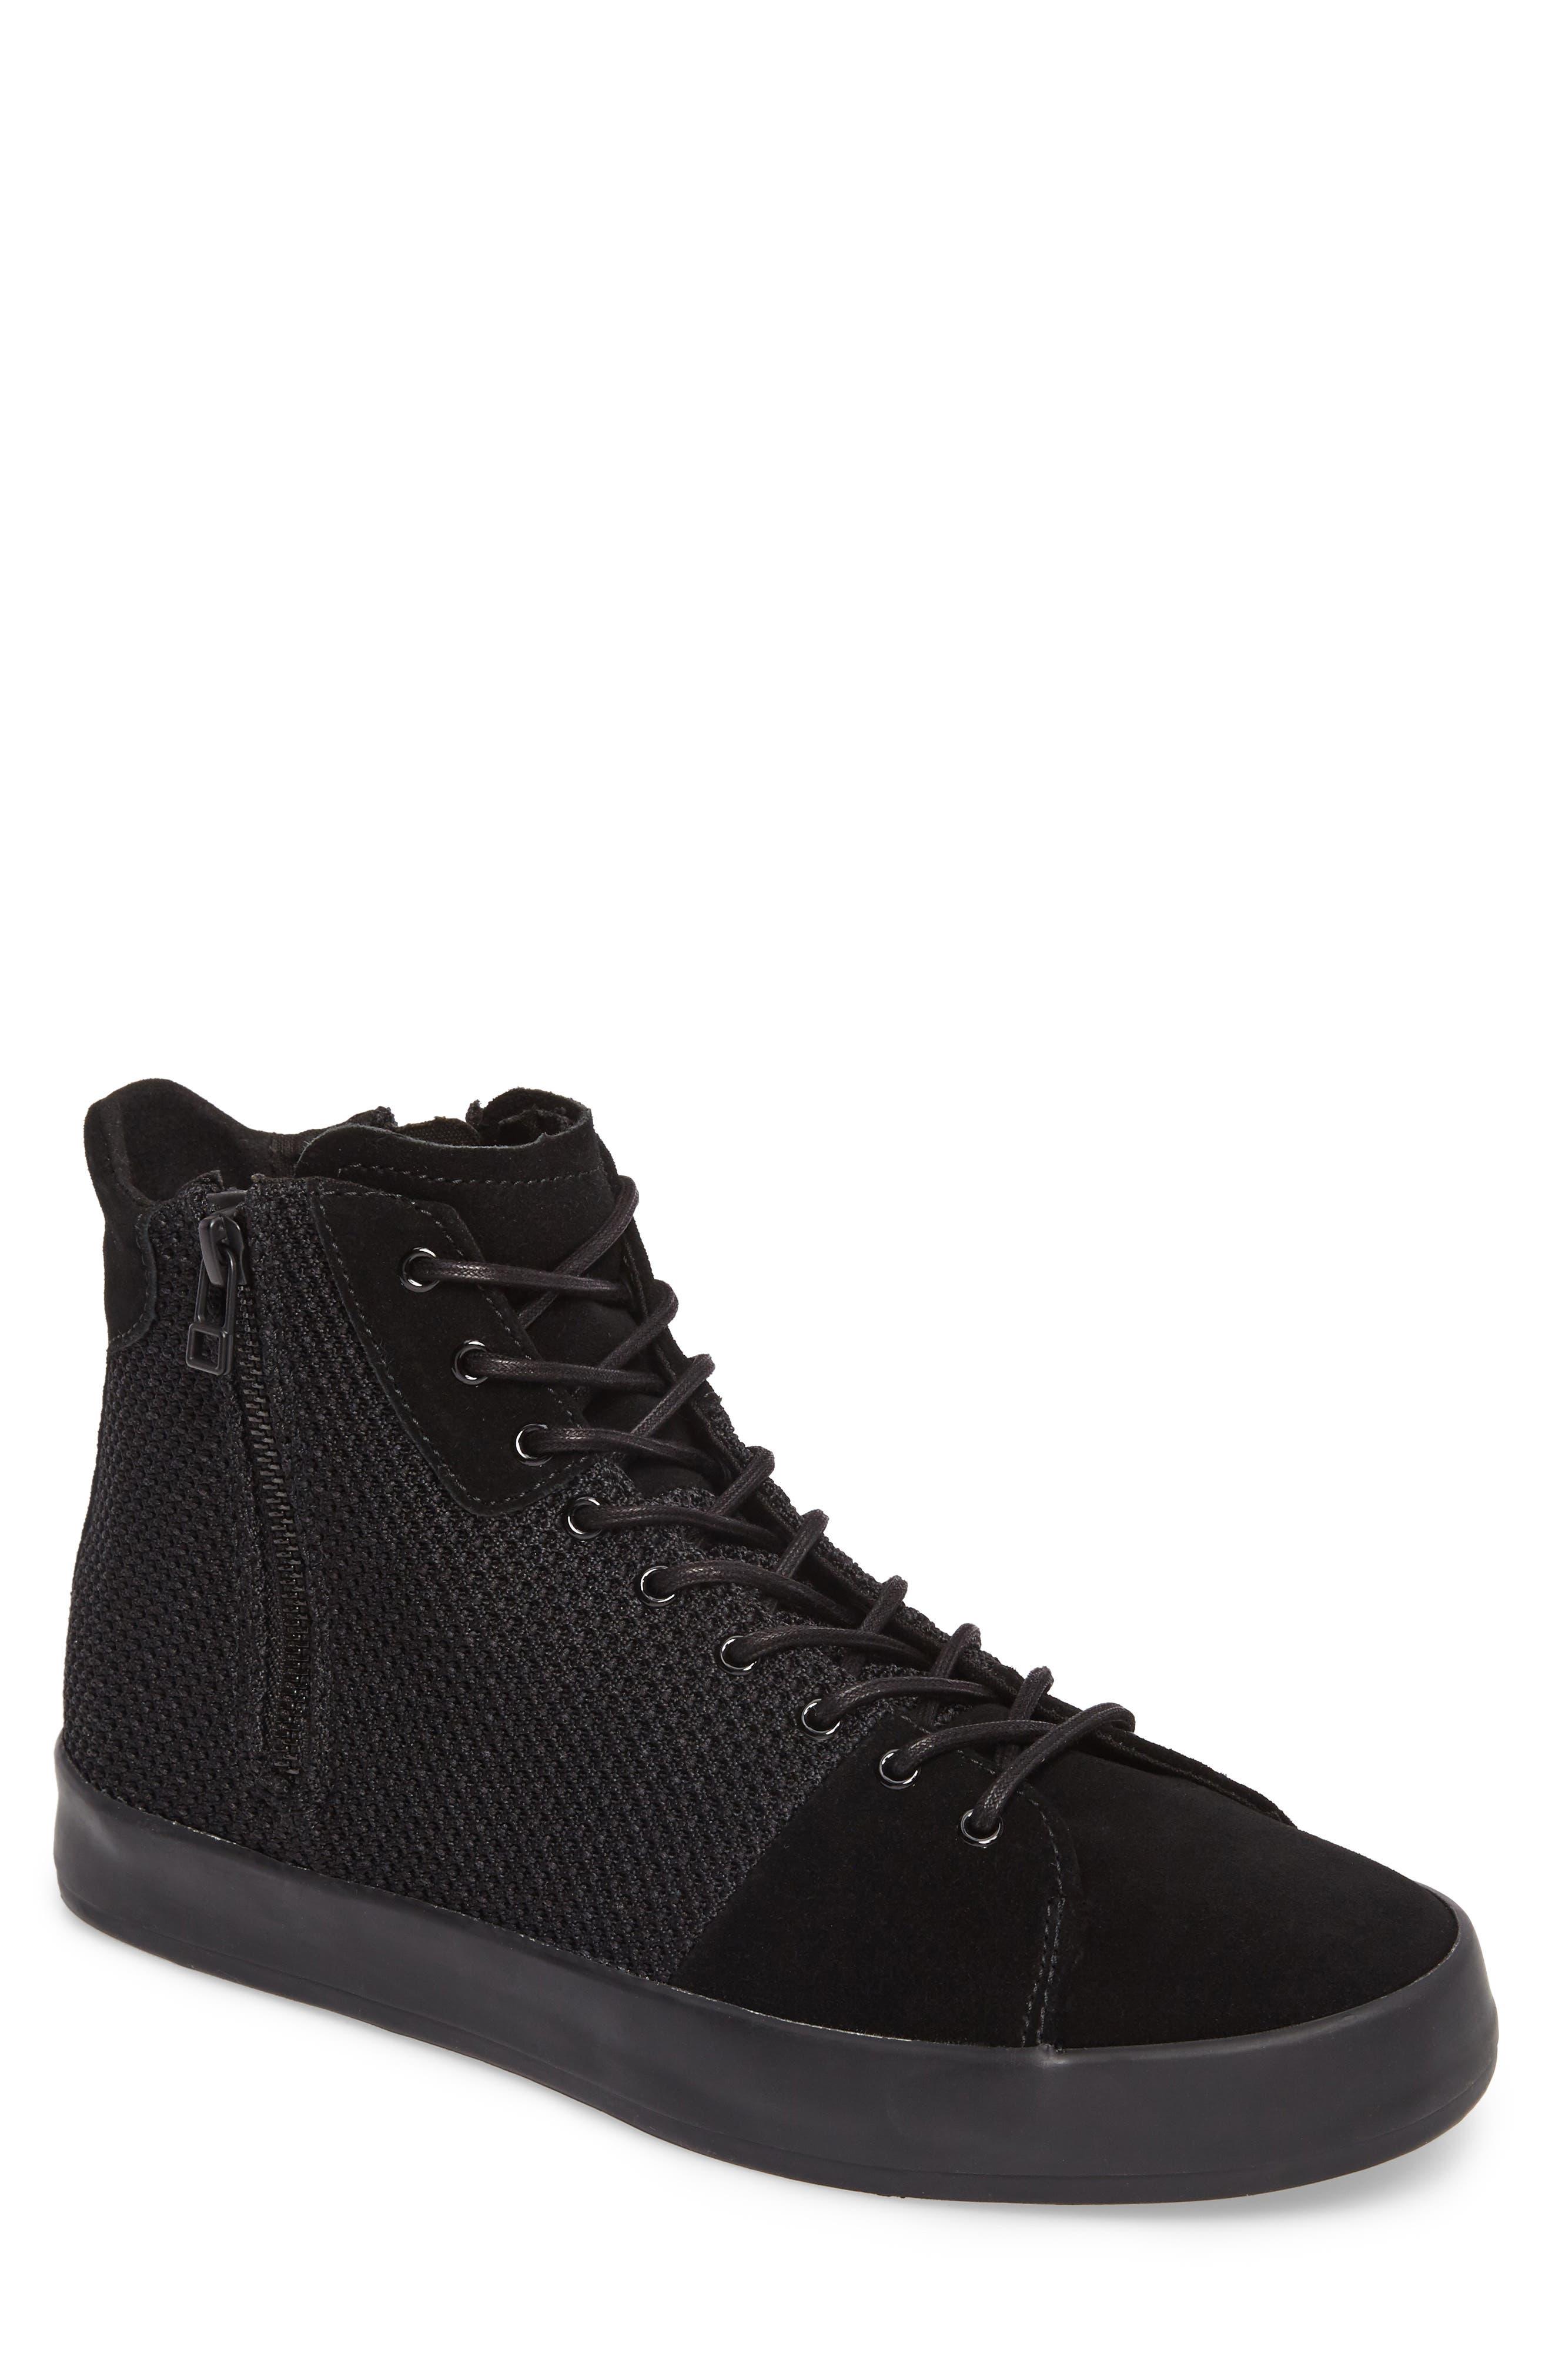 Carda Hi Sneaker,                         Main,                         color, 003